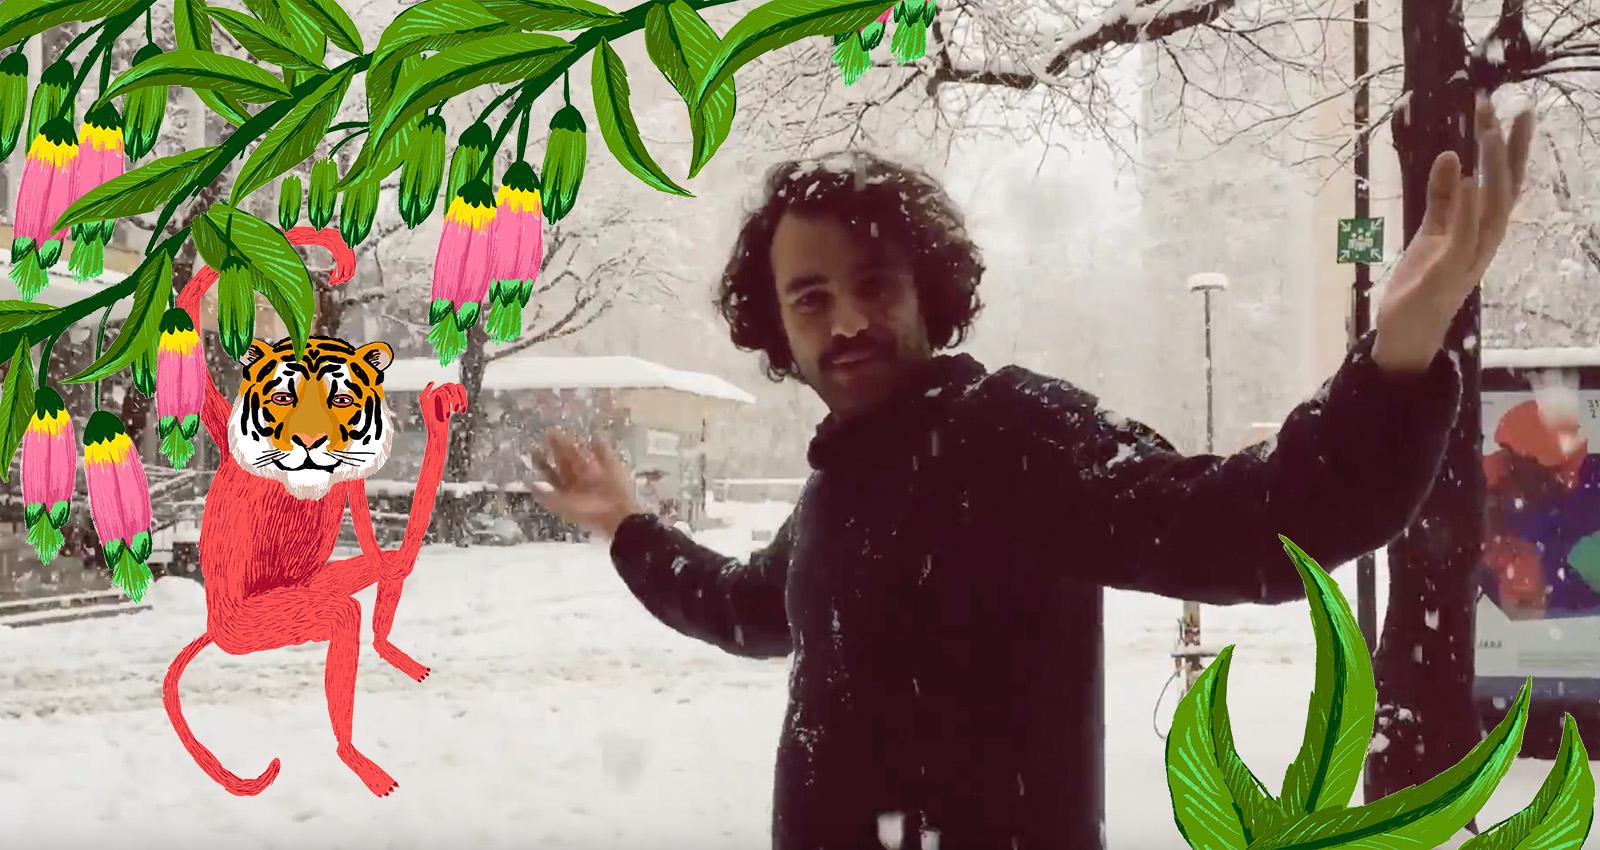 ¿El Baile en la nieve? ¡ QUE NO!